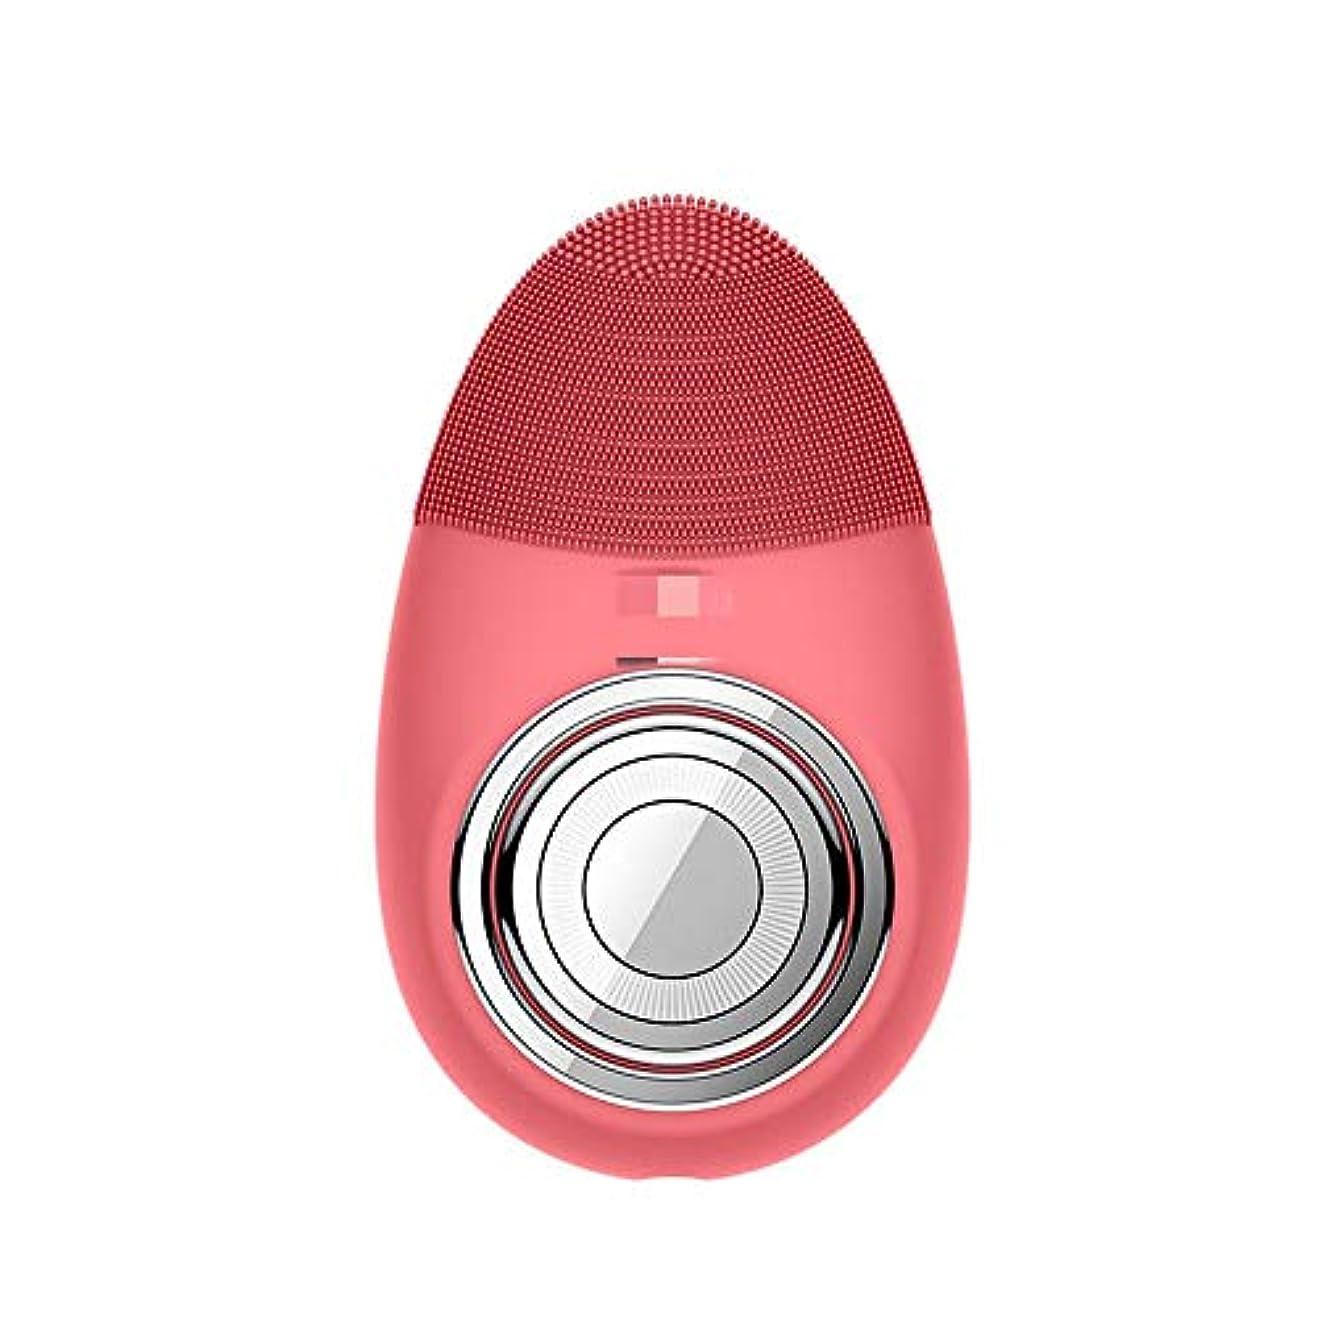 家事圧縮赤道Chaopeng 多機能電気恒温シリコーンクレンジング楽器赤灯肌清潔毛穴クリーナー輸入機器美容機器 (Color : Red)